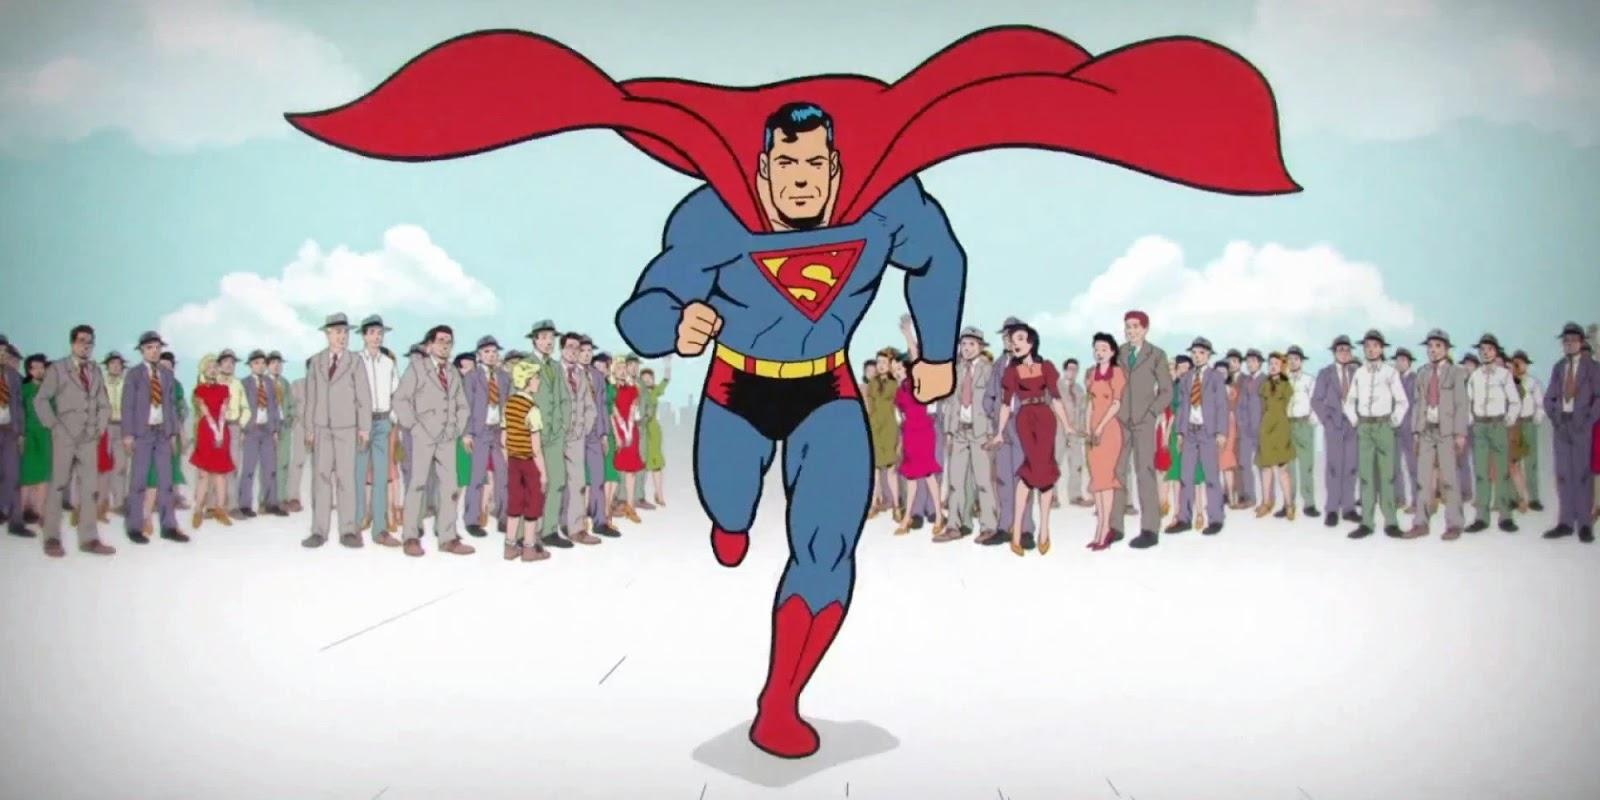 http://www.huffingtonpost.fr/2013/10/16/superman-75-ans-zack-snyder_n_4109372.html